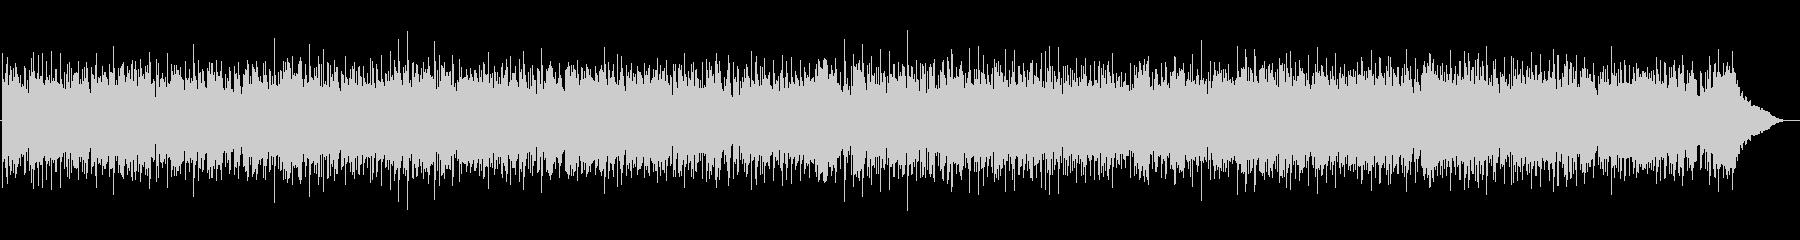 ストレートなポップロックの未再生の波形